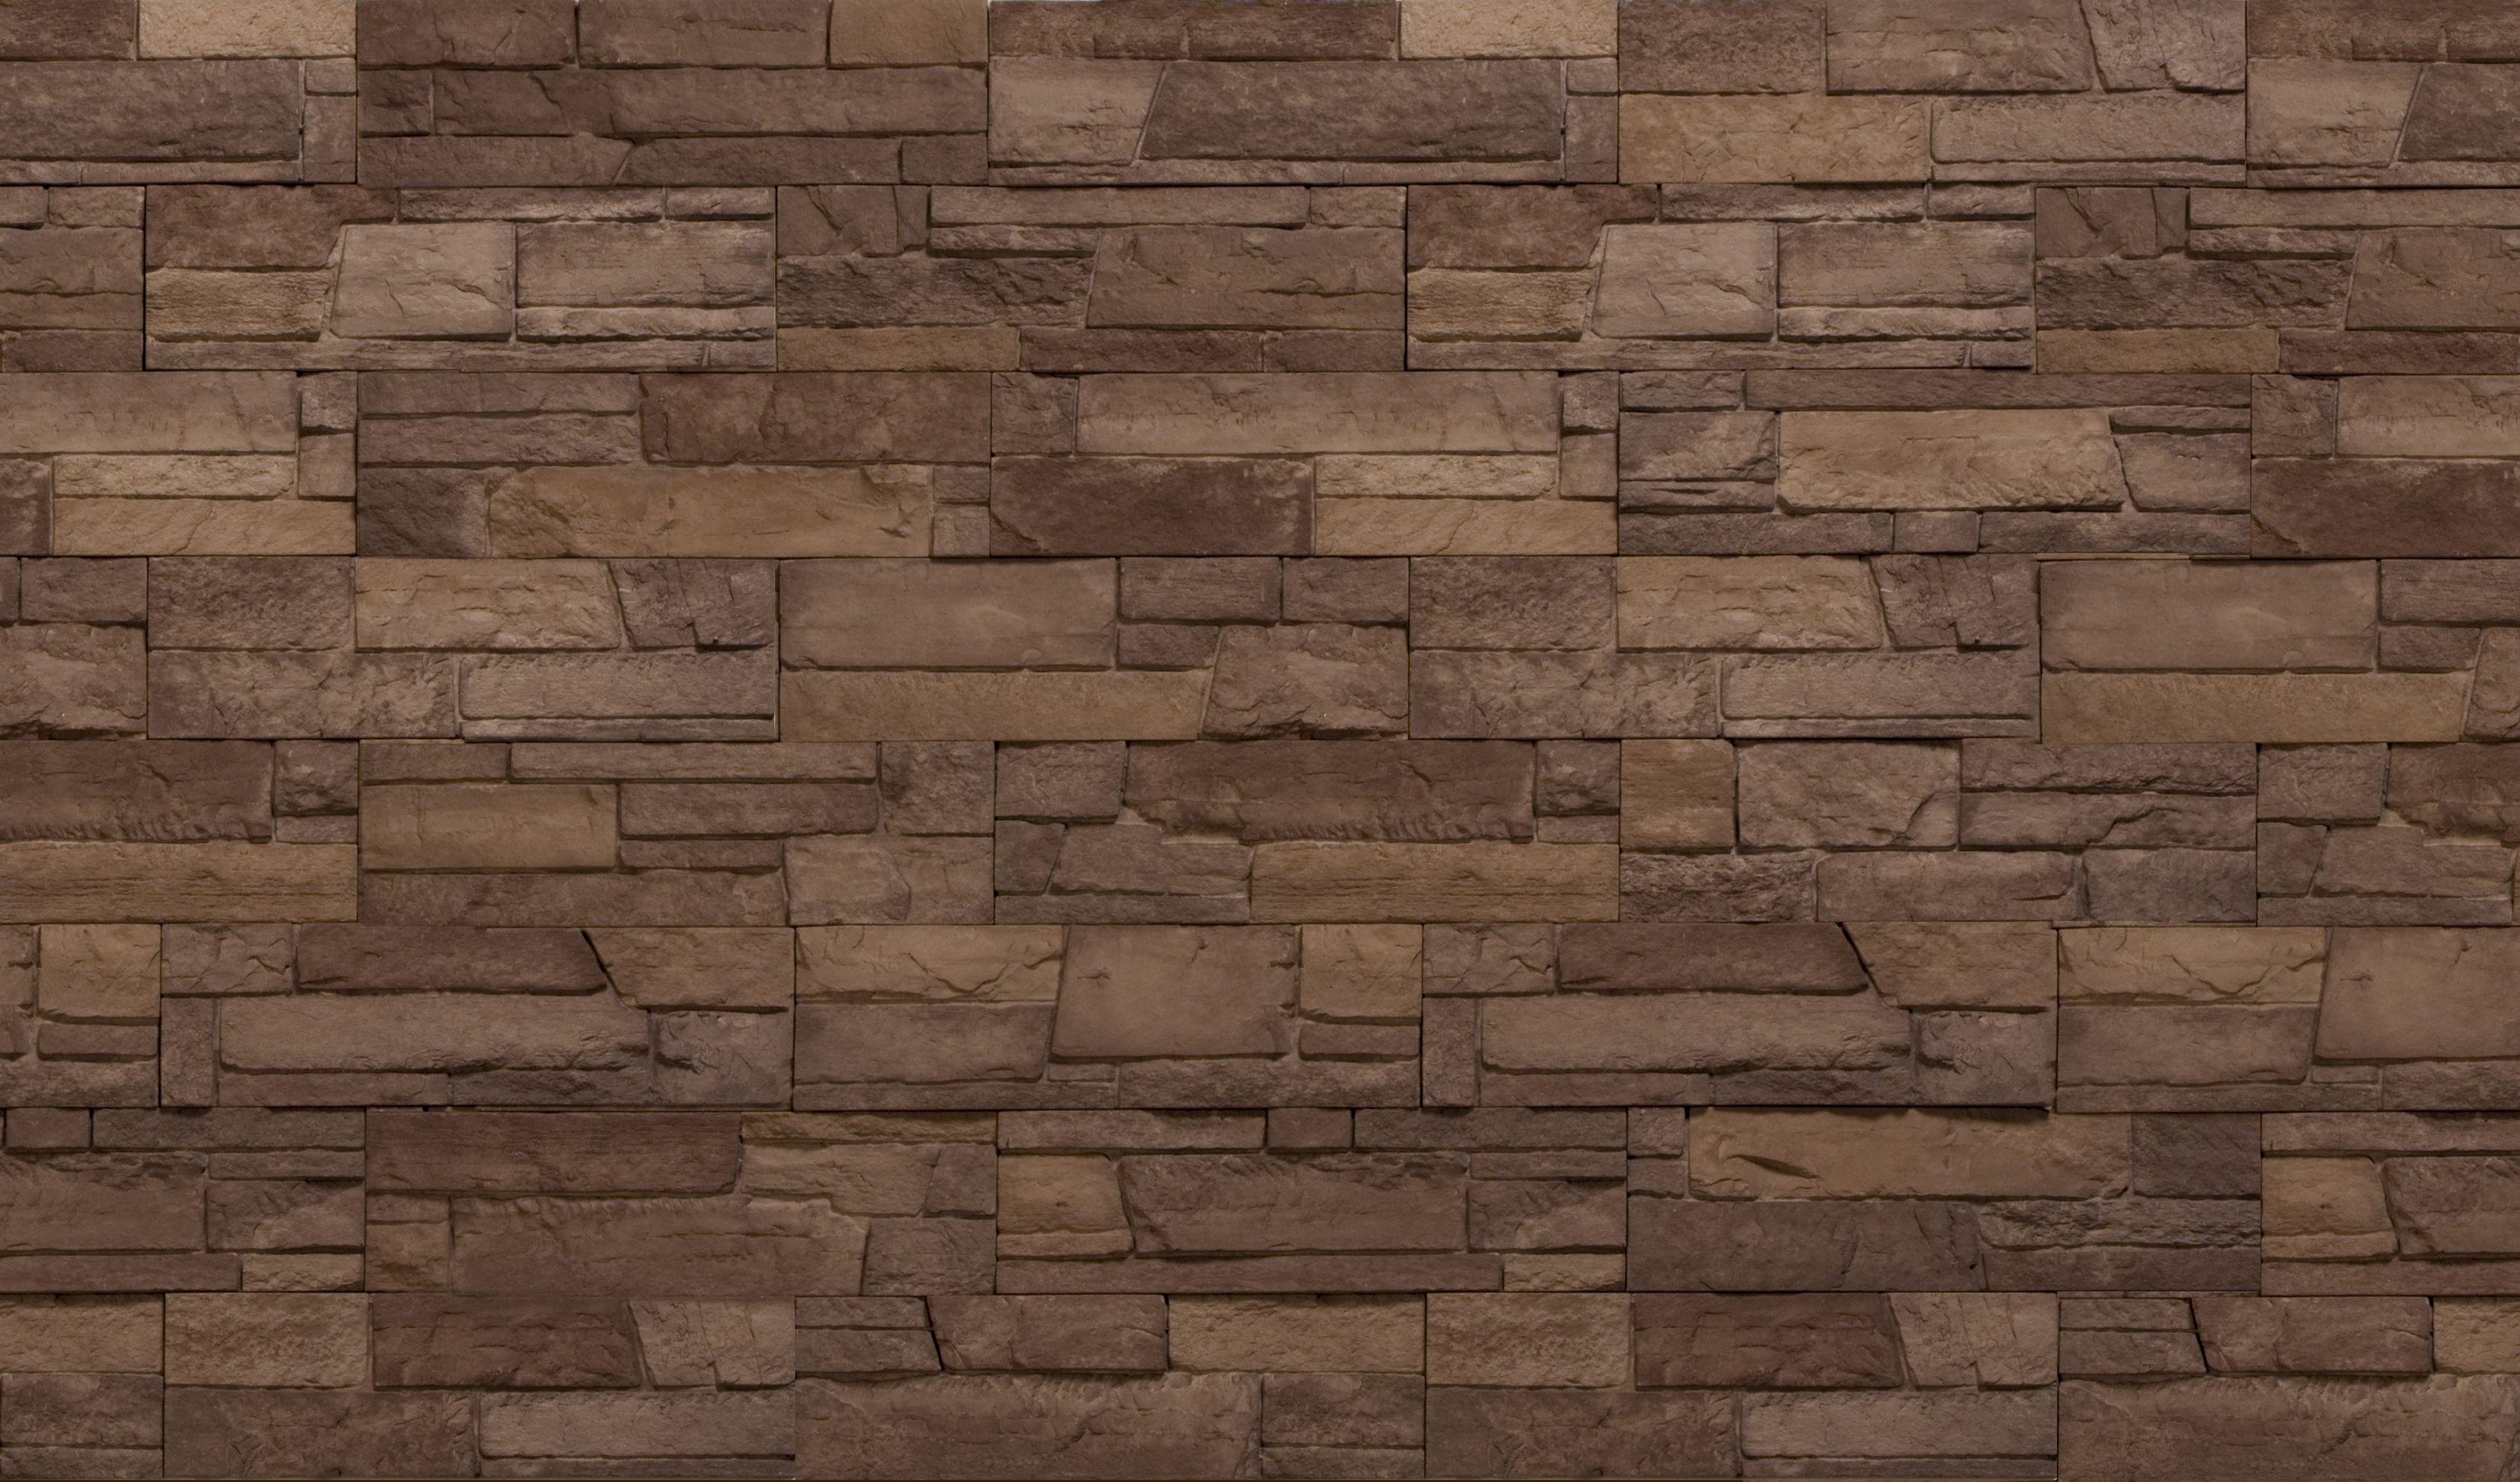 دانلود رایگان تکسچر سنگ stone texture   معماری 98